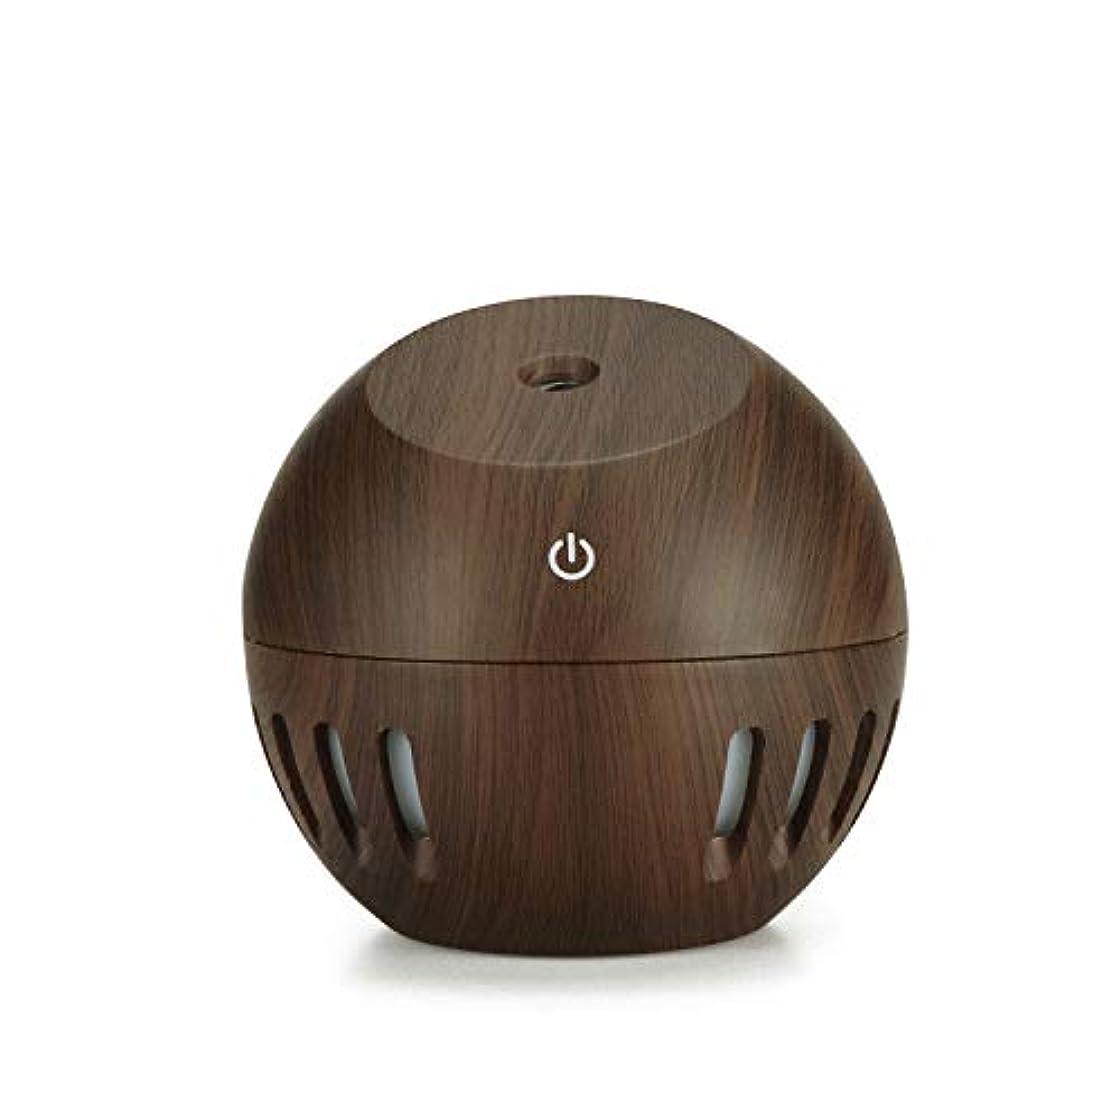 専門化するカストディアン端末130ml Essential Oils Diffuser Electric Cool Mist Aroma Diffuser For Home, Yoga, Bedroom